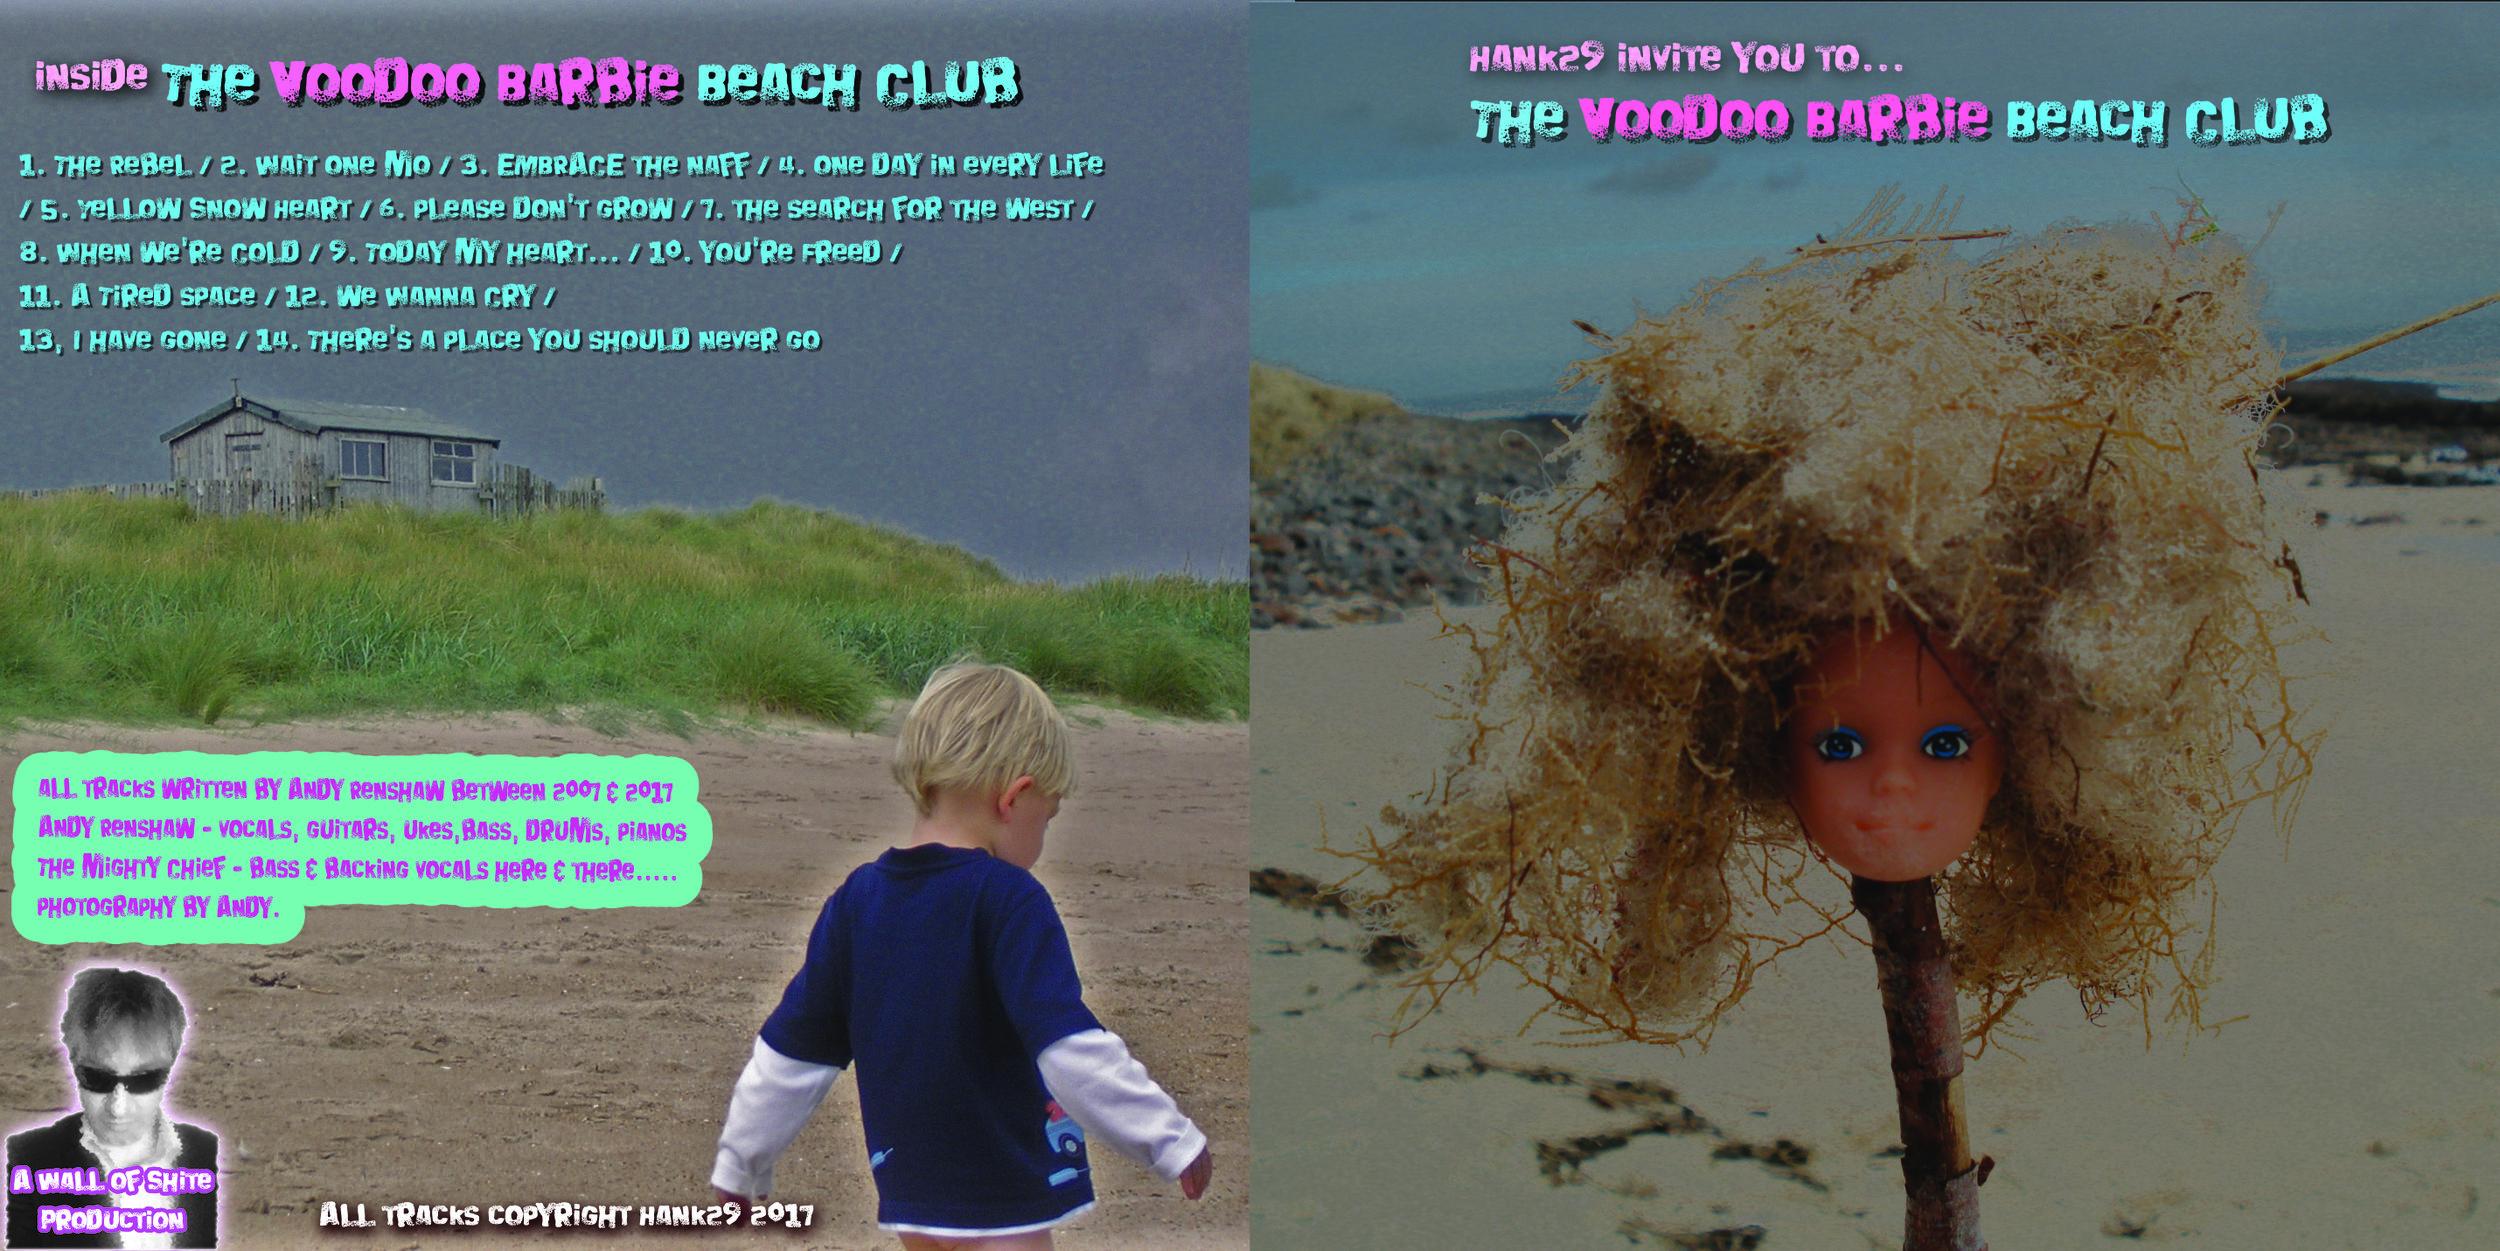 Voodoo Barbie full cover.jpg